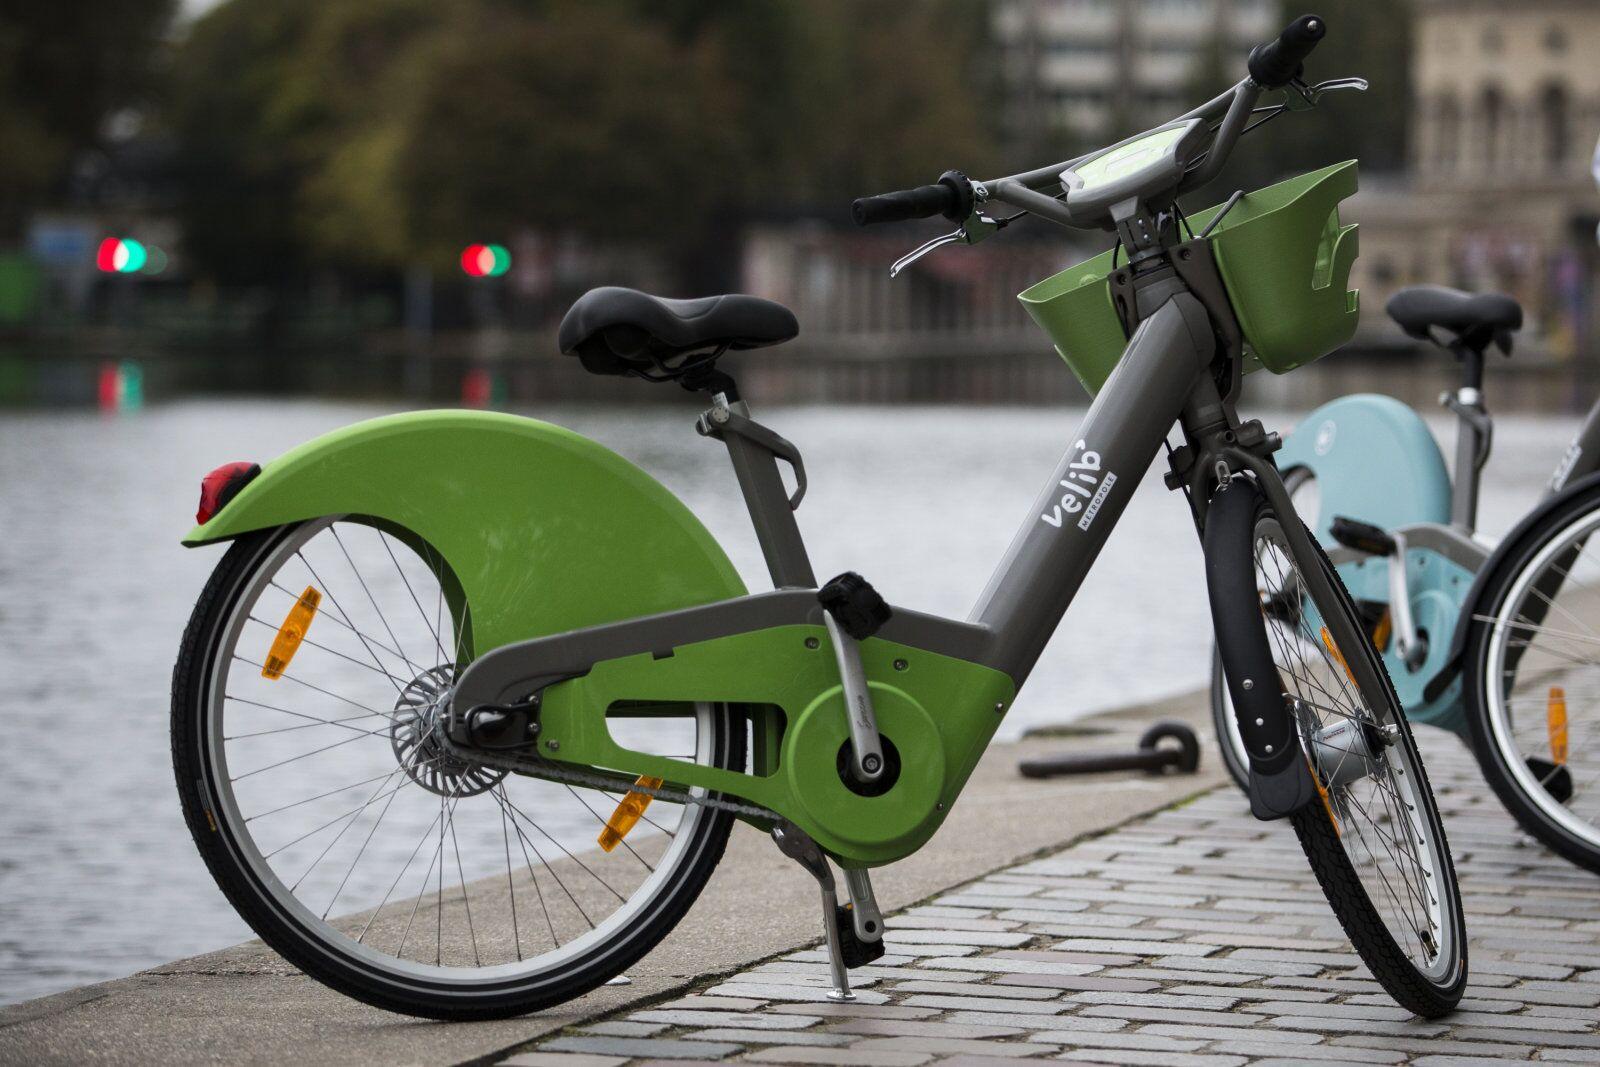 巴黎拟投放2万辆共享电动自行车 倡导绿色出行